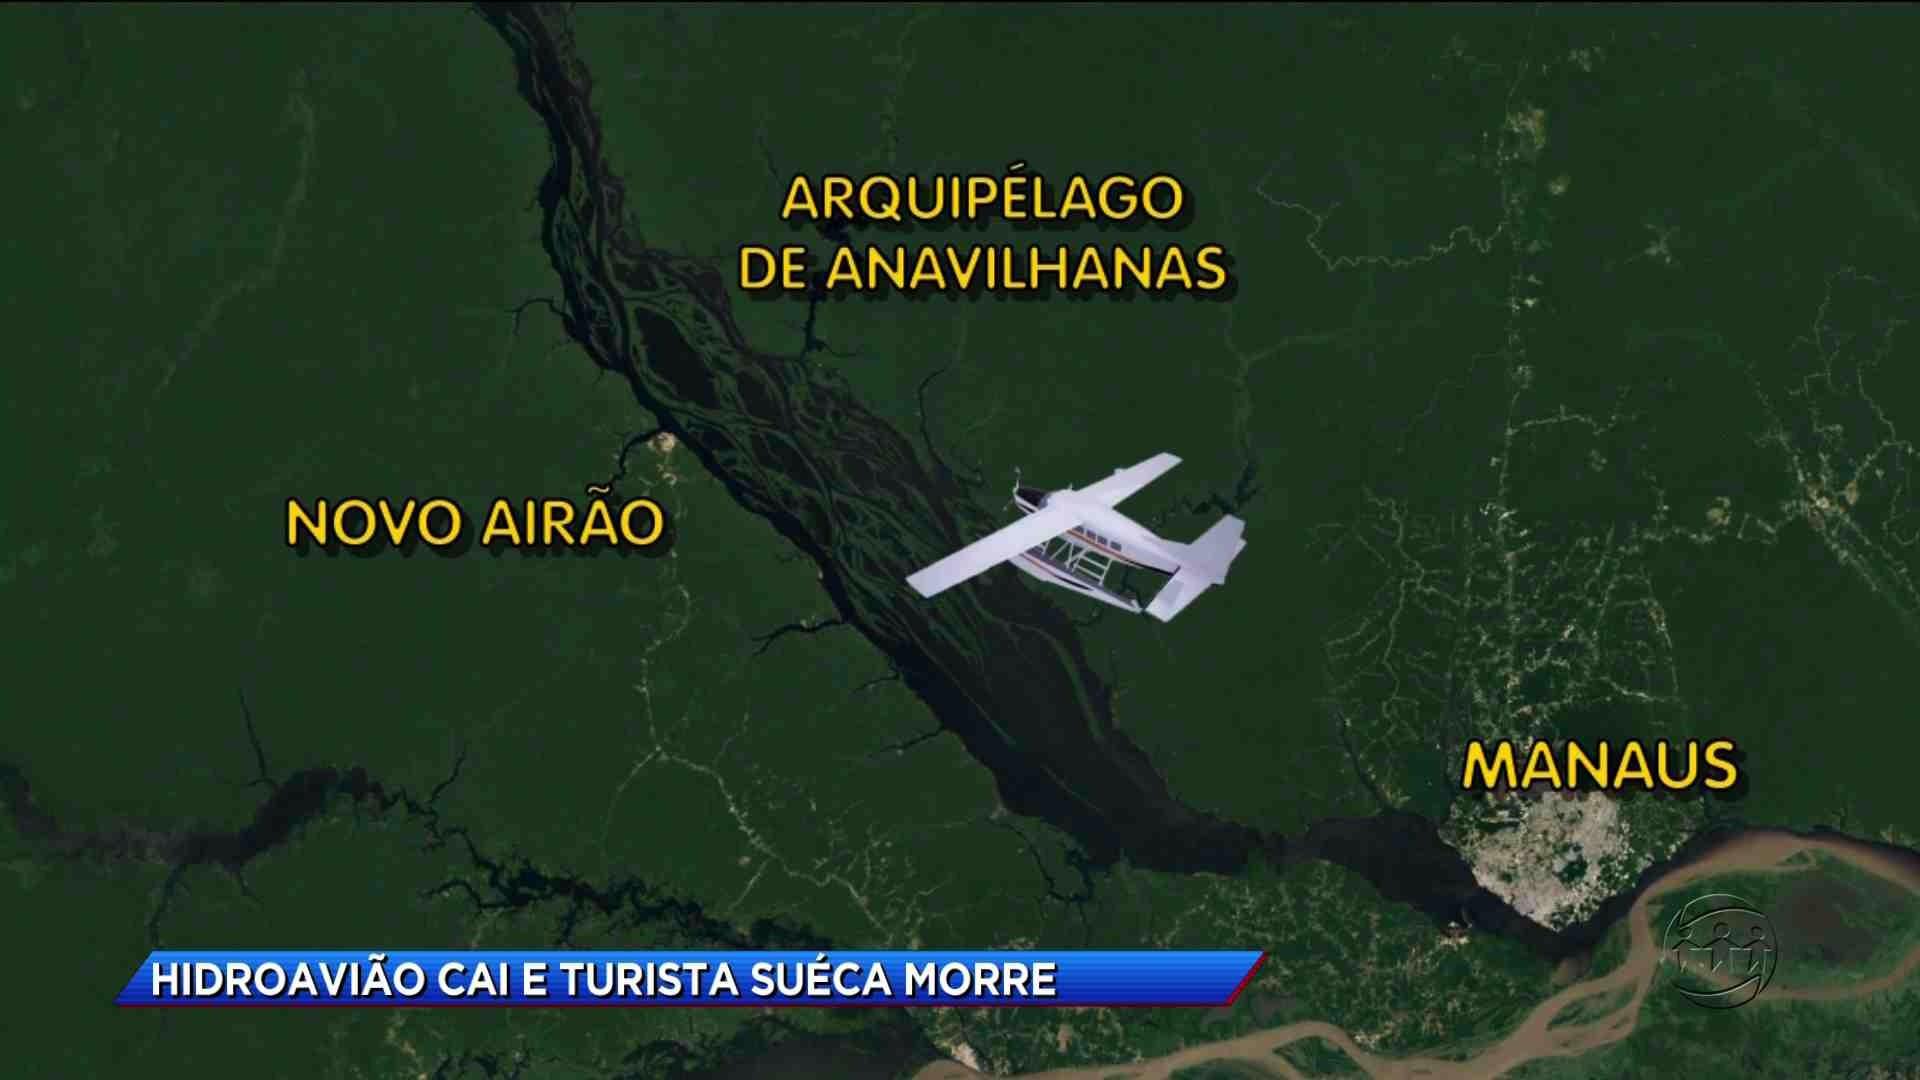 TRAGÉDIA: HIDROAVIÃO CAI NO RIO NEGRO E TURISTA MORRE - Cidade Alerta Manaus 17/10/17